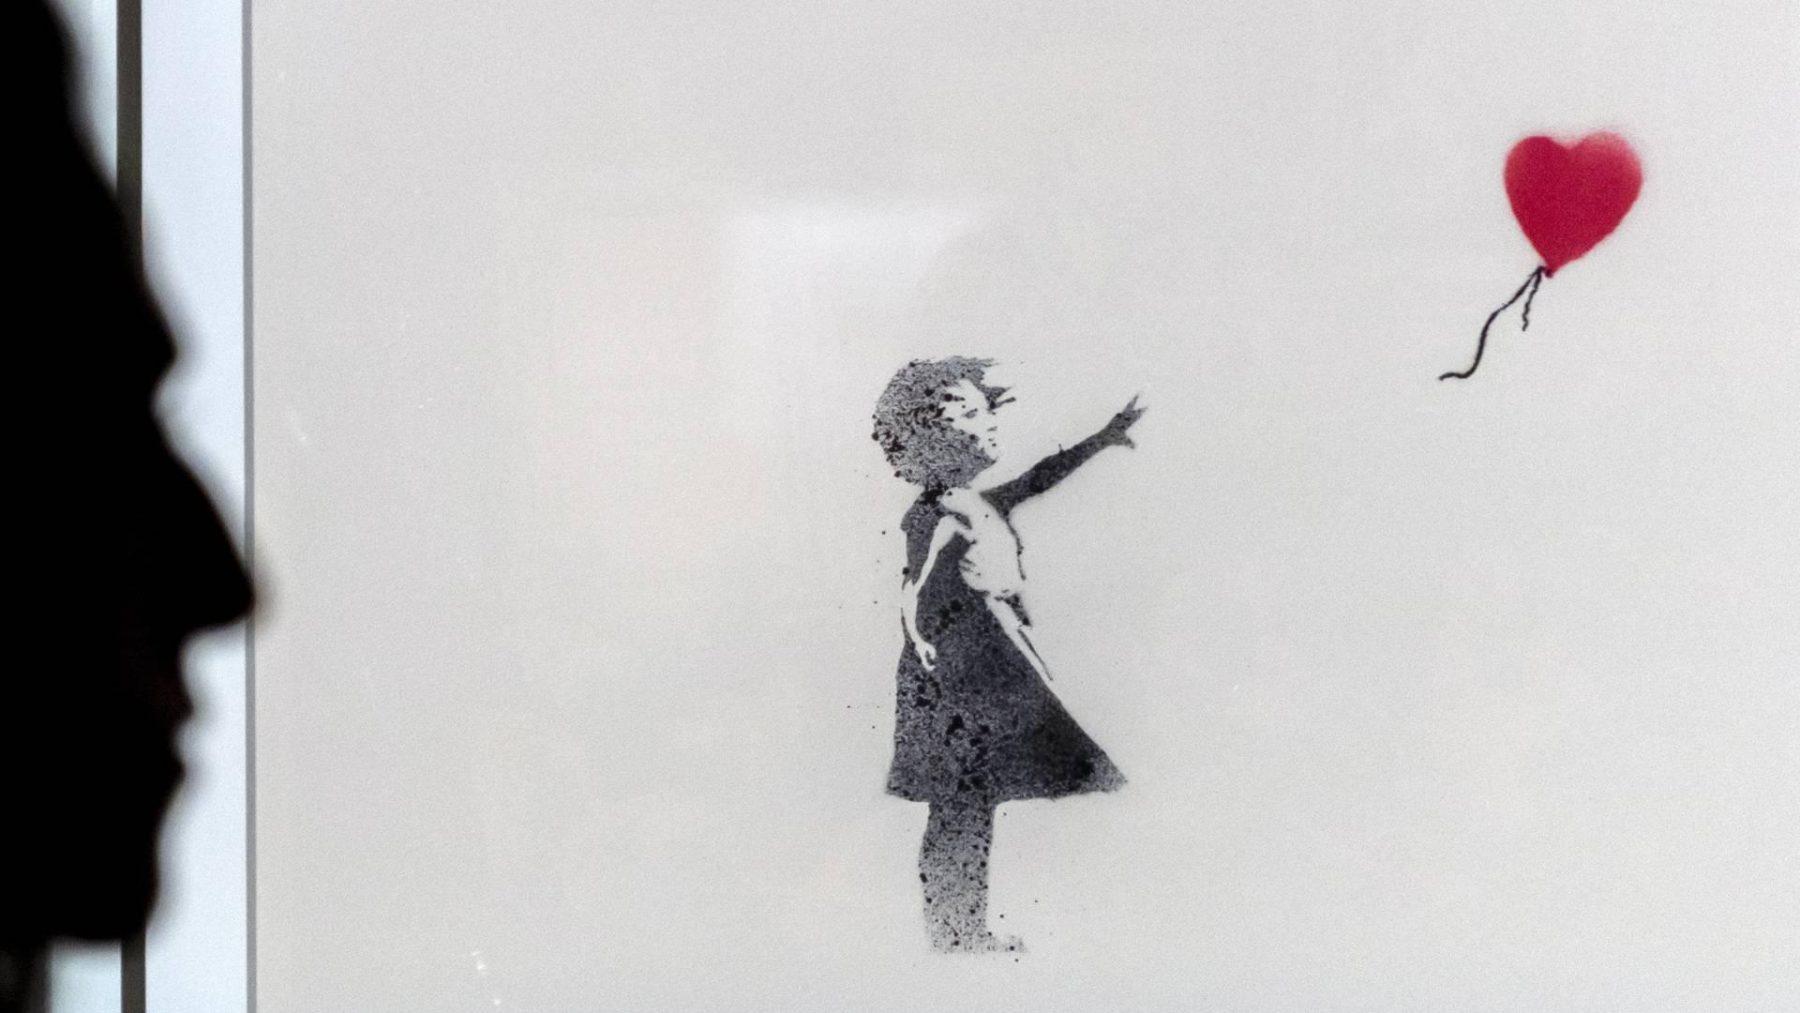 Girl with Balloon van Banksy voor 3,1 miljoen pond geveild